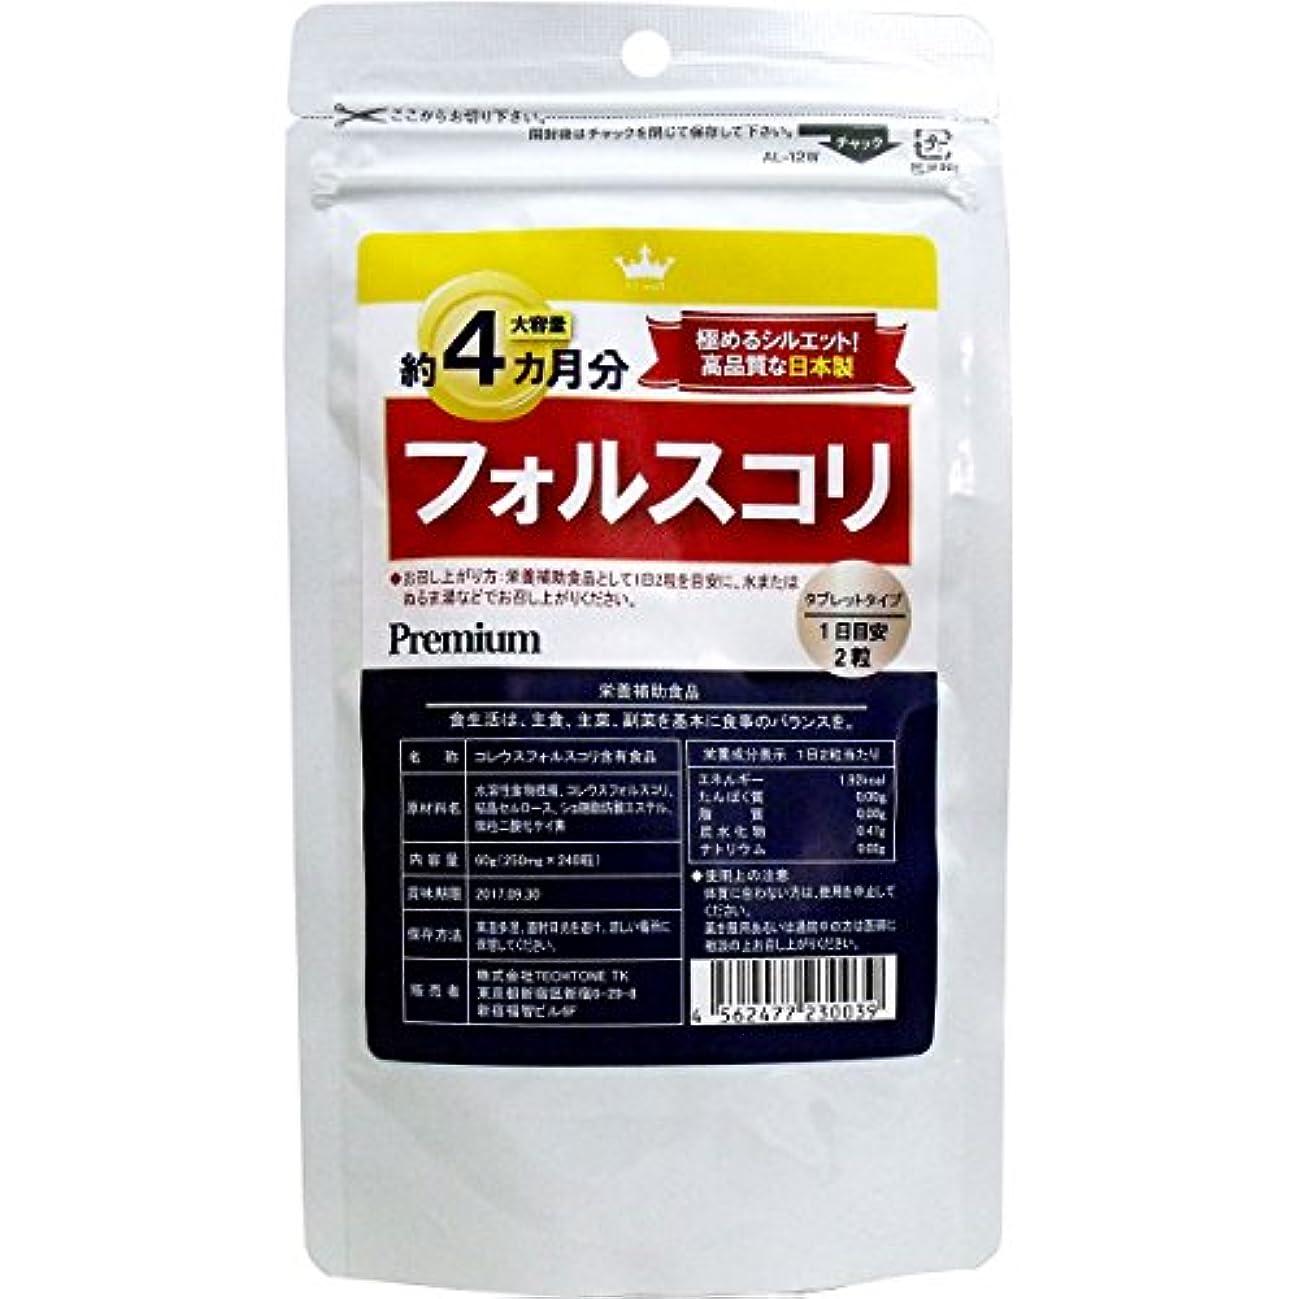 ドラゴン抱擁迷路ダイエット 高品質な日本製 人気 フォルスコリ 約4カ月分 240粒入